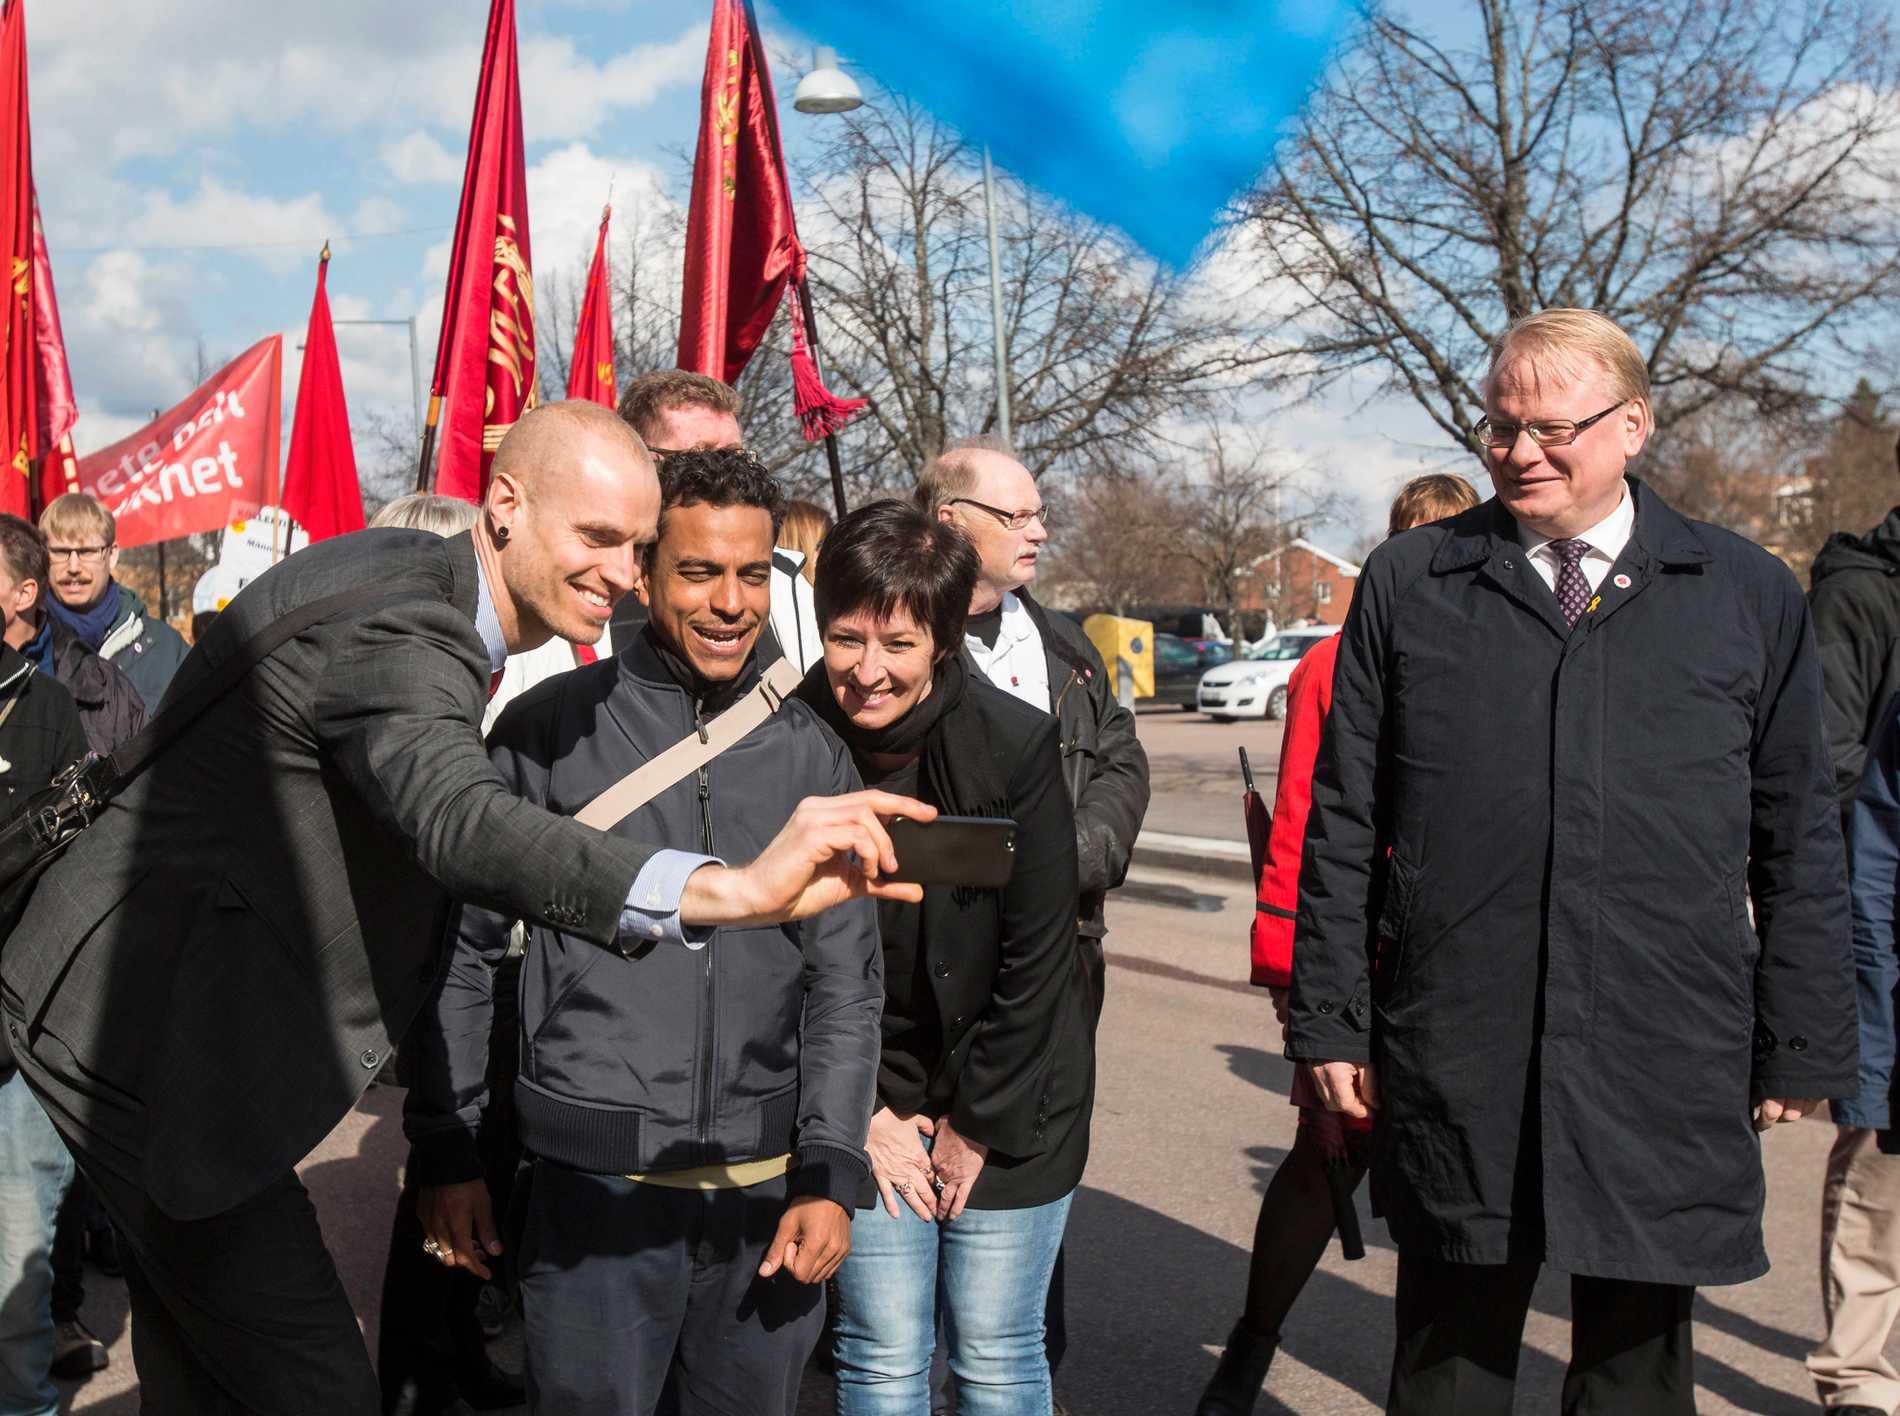 Mona Sahlin 1 maj 2016 i Borlänge. Tre dagar senare briserade skandalen med livvakten efter Expressens granskning